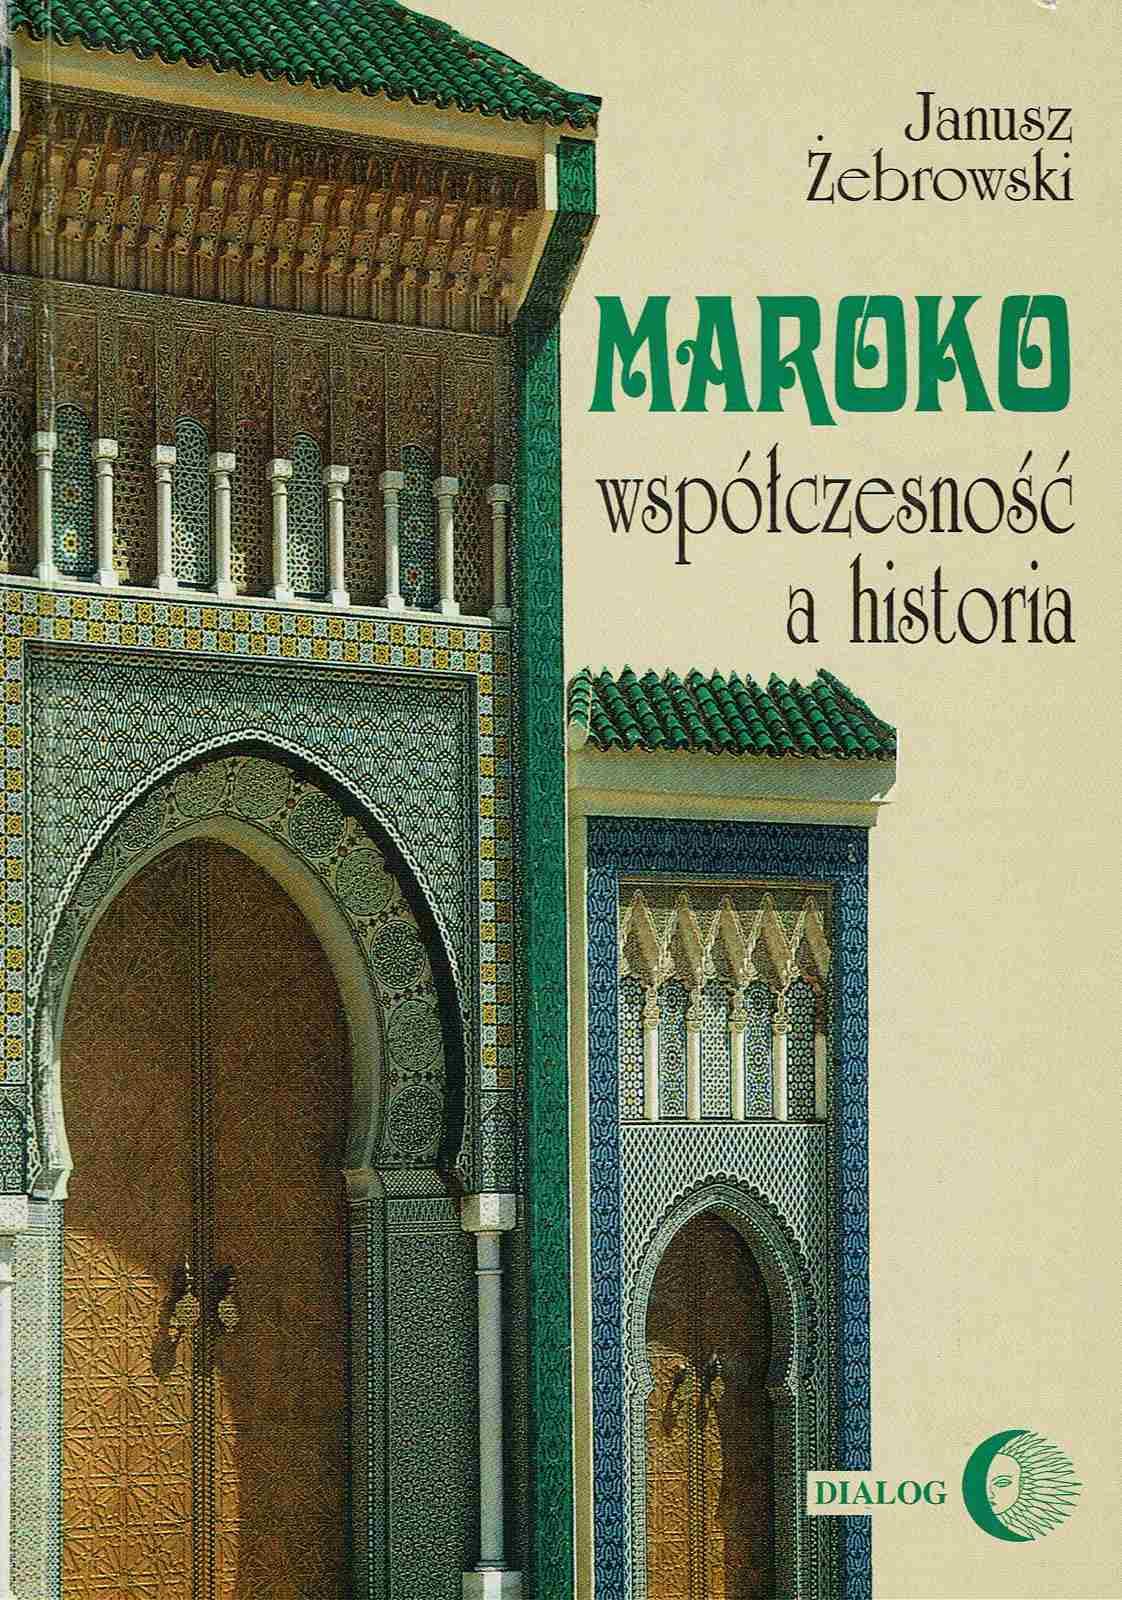 Maroko - współczesność a historia - Ebook (Książka EPUB) do pobrania w formacie EPUB